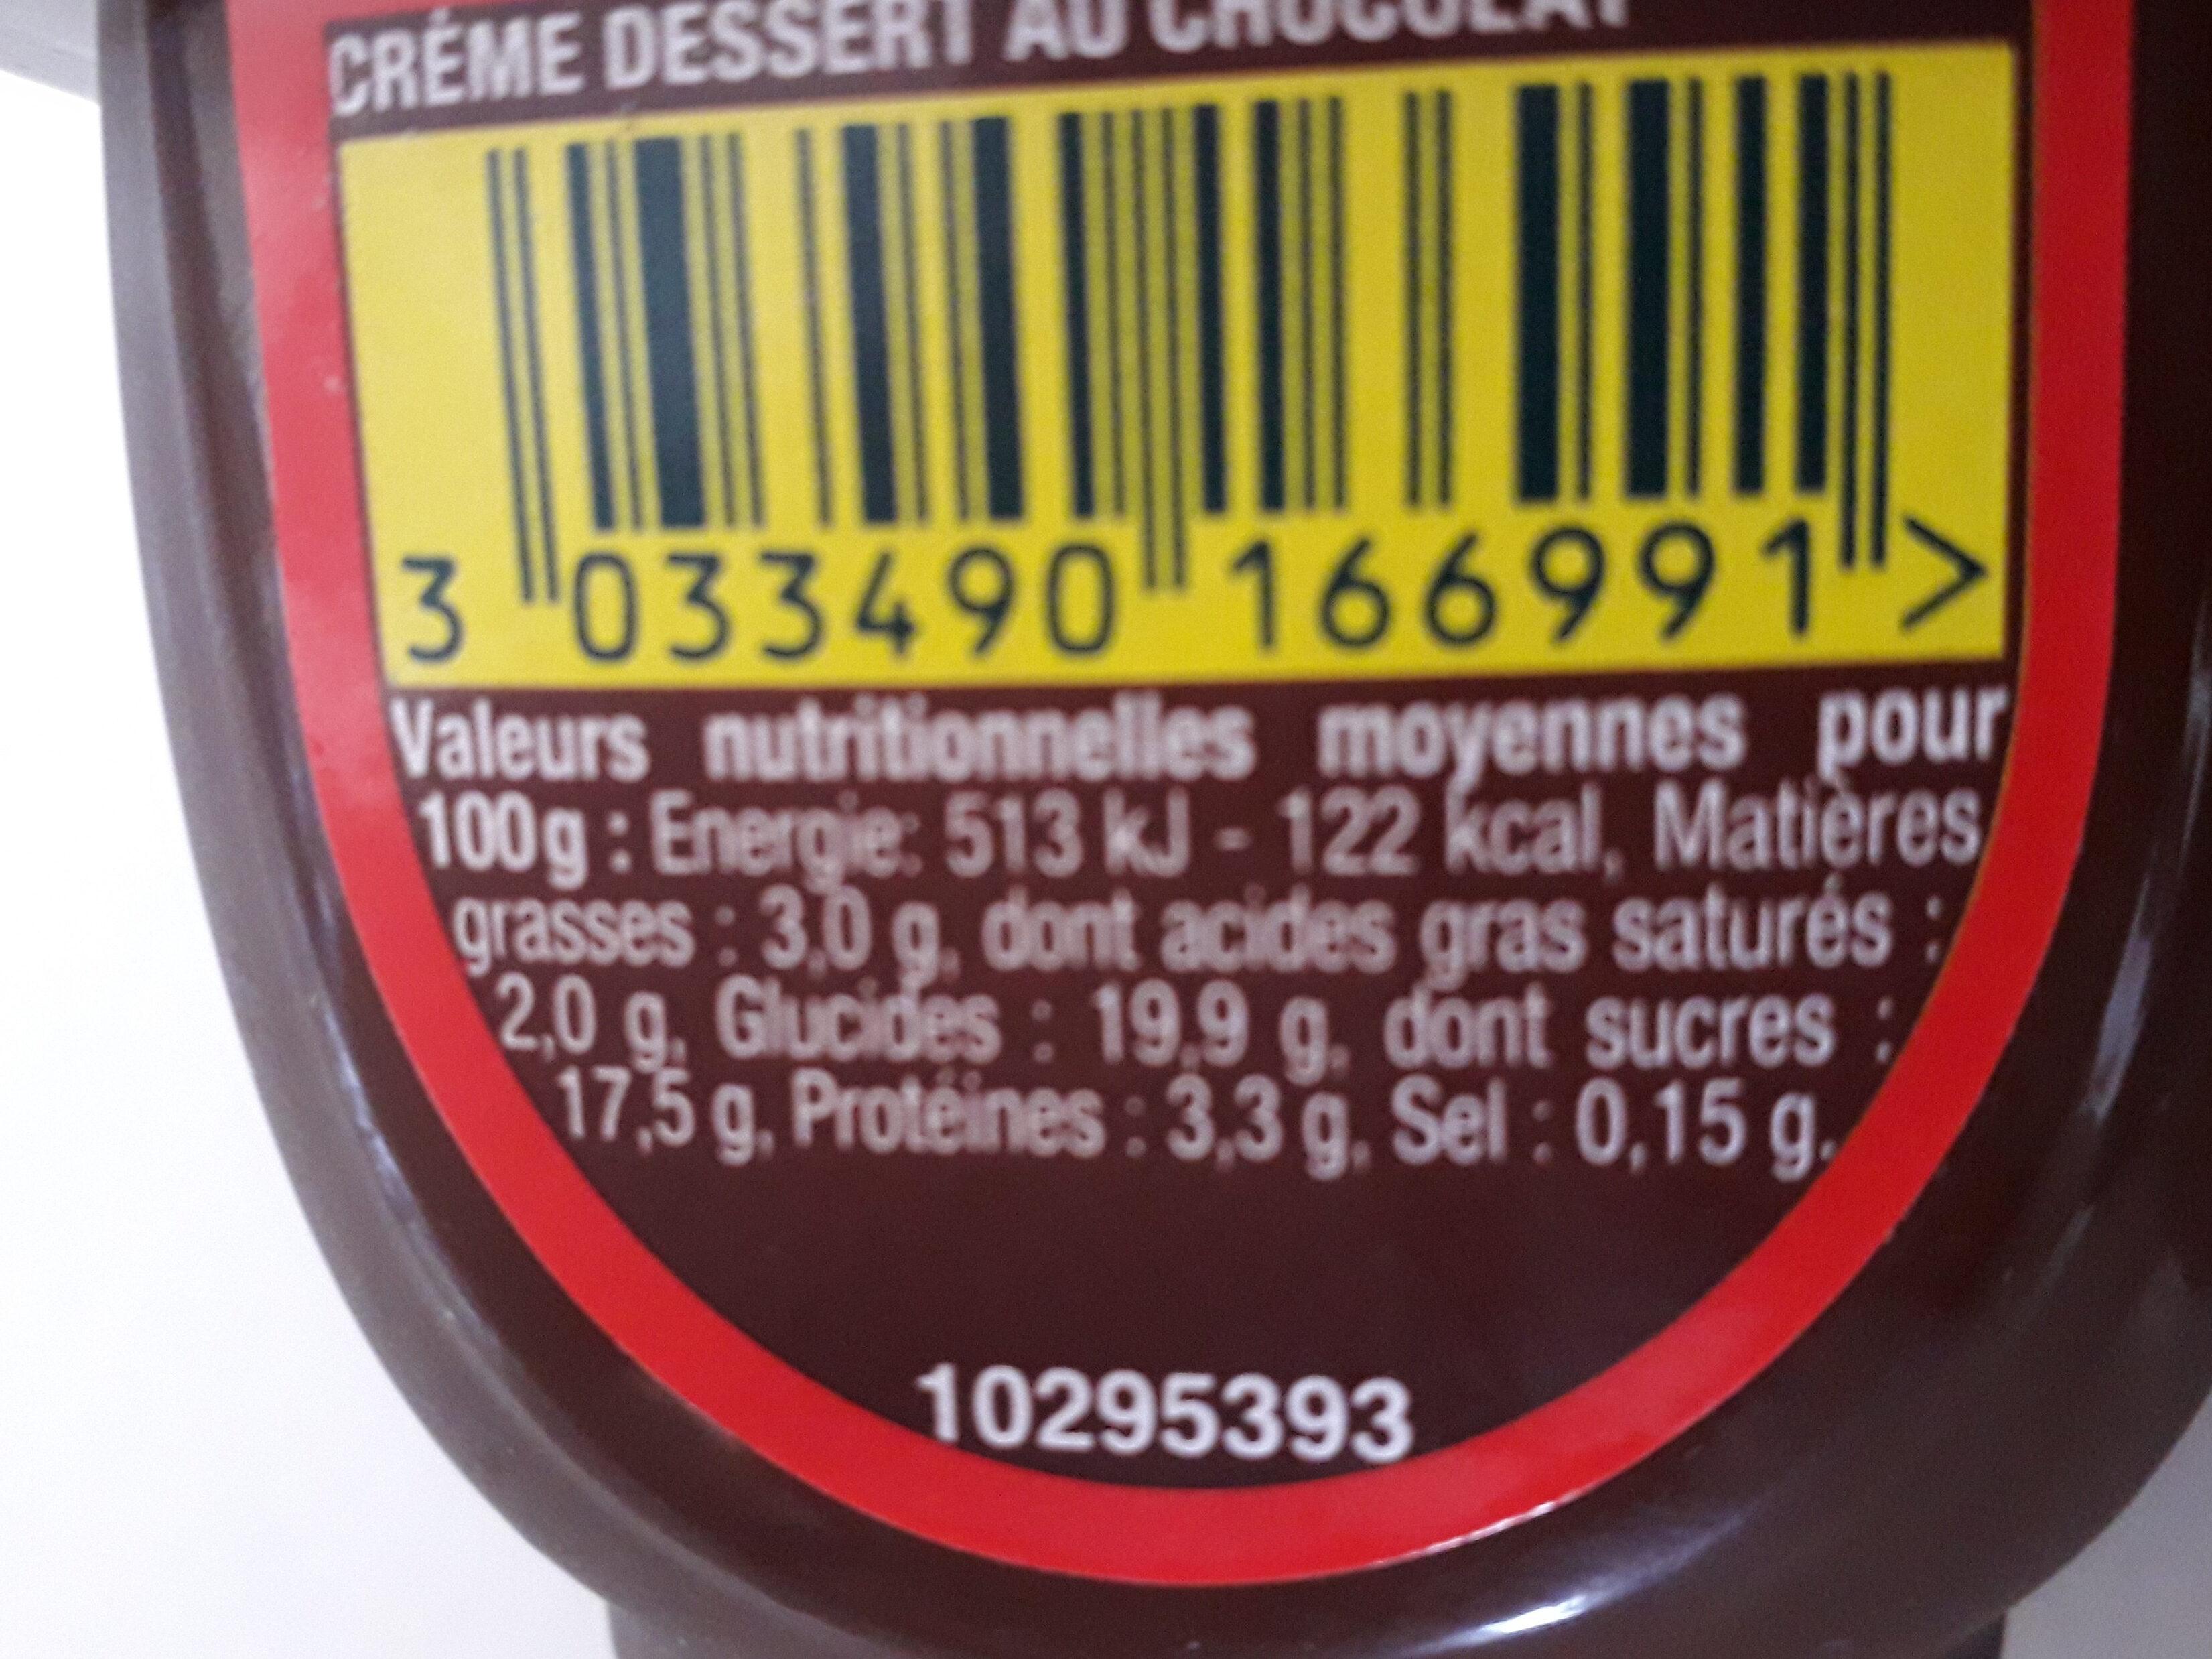 Crème Dessert Danette Danone, Chocolat Prix Choc - Informations nutritionnelles - fr